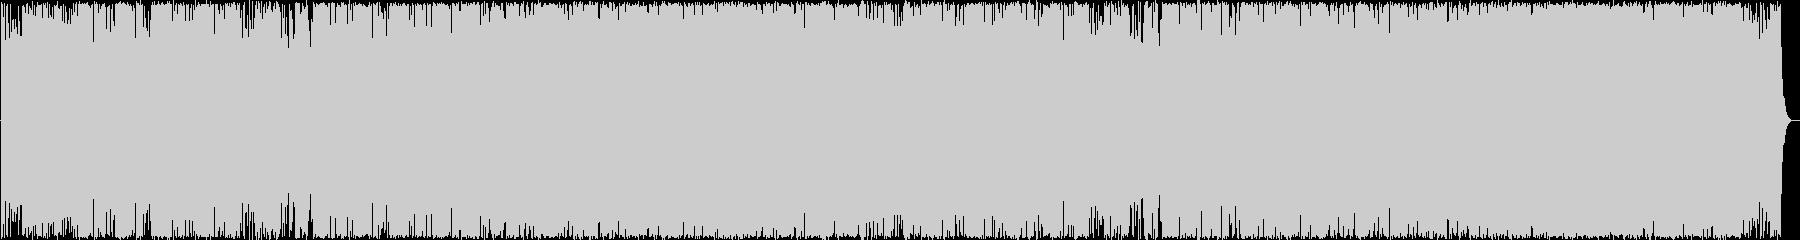 緊迫したアップテンポなインストロックの未再生の波形